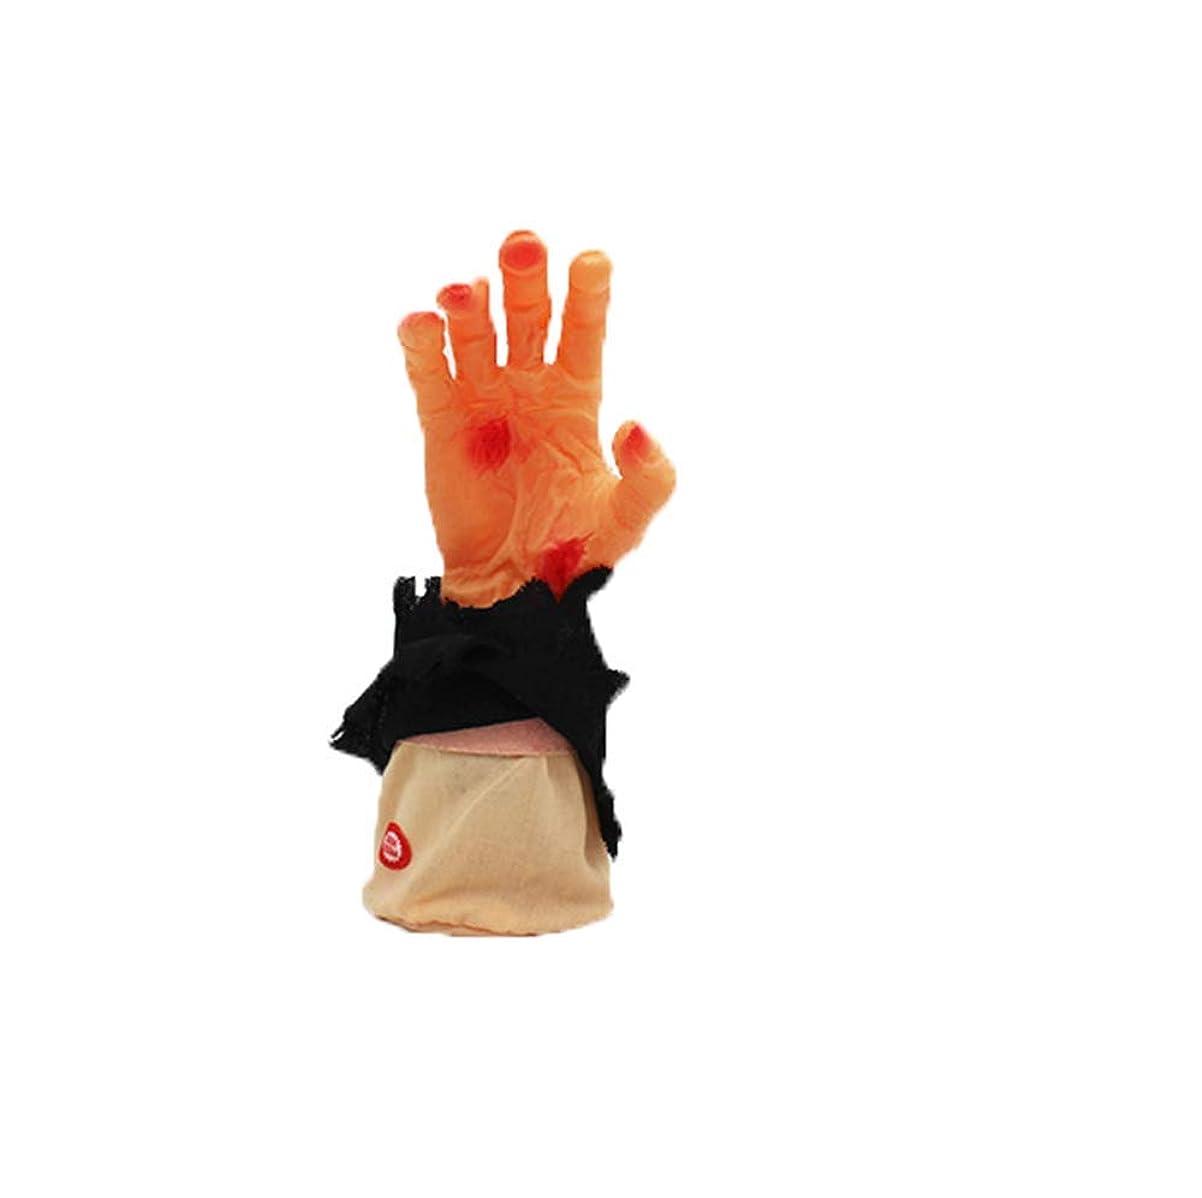 バタフライボタンうなり声ハロウィーンのきちんとしたおもちゃ、幽霊の血の装飾的な小道具は怖い